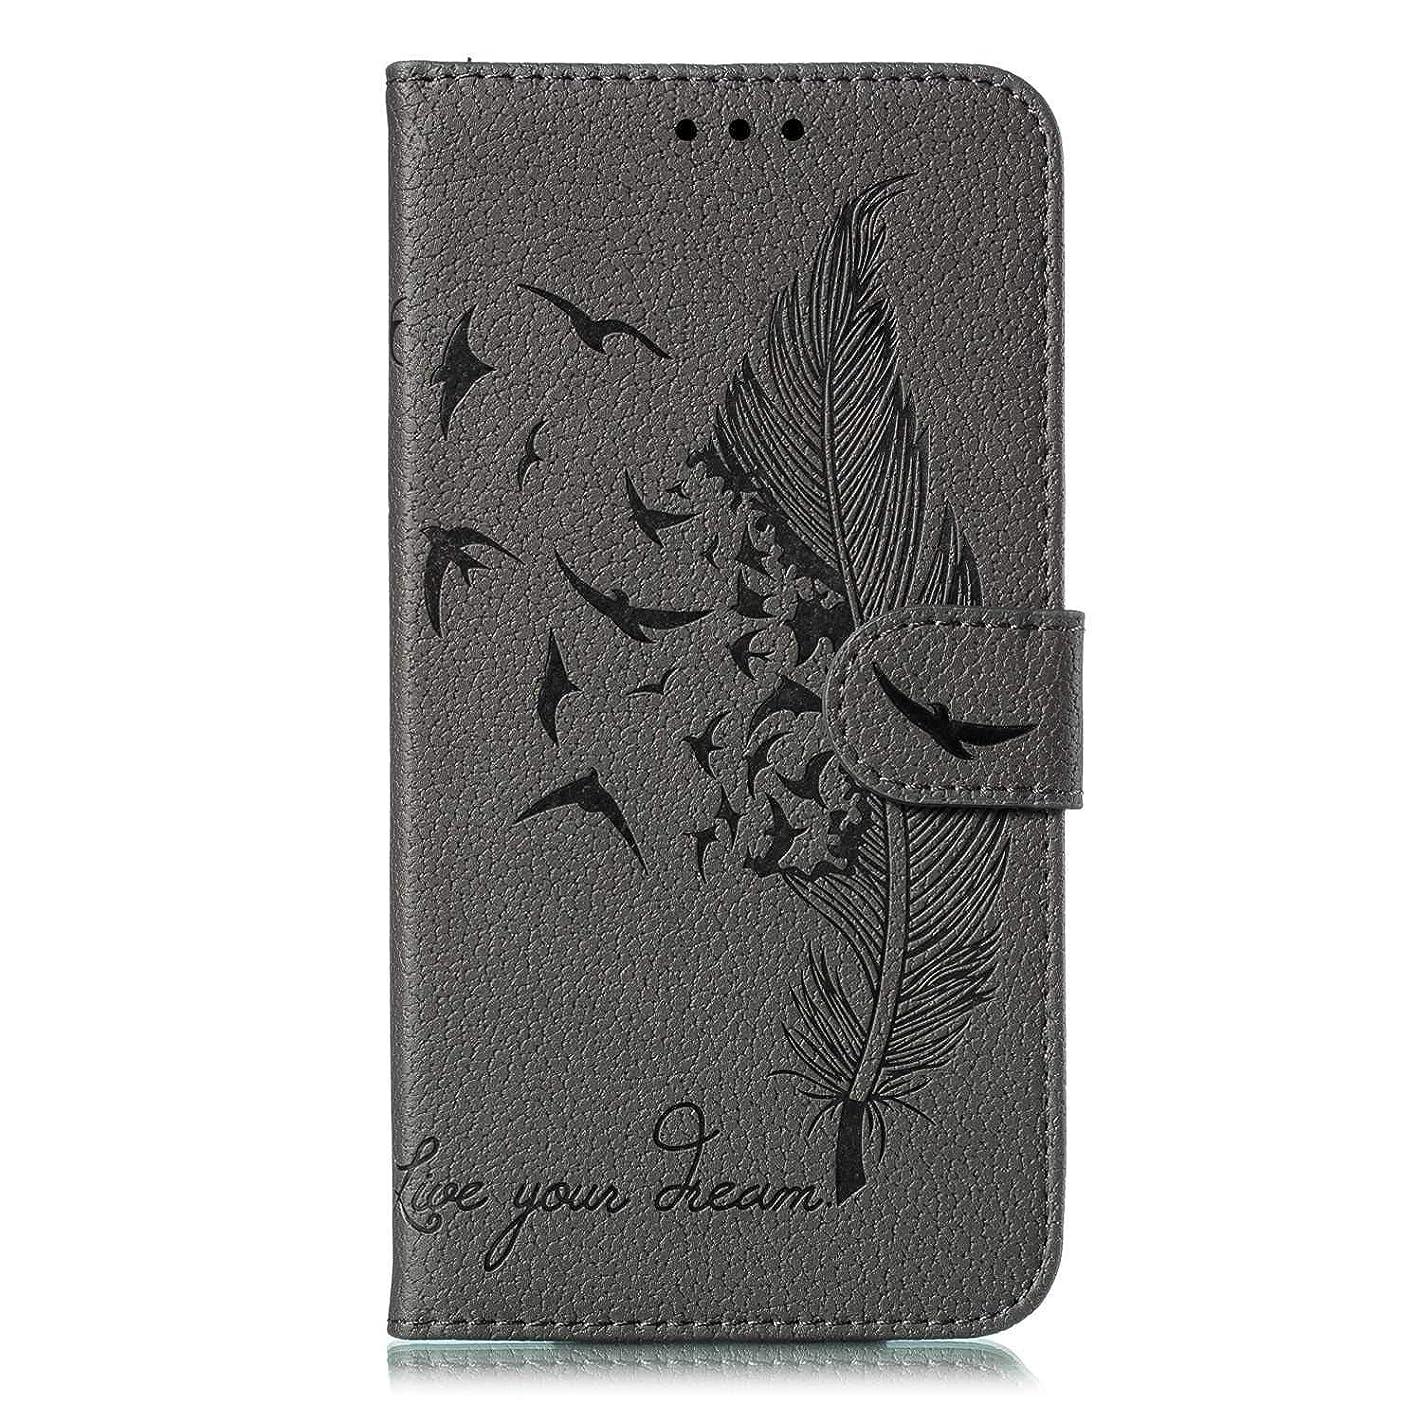 牛肉シュガー断片Moto G7 Power ケース, OMATENTI PUレザー手帳型 ケース, 薄型 財布押し花 フェザー柄 スマホケース, マグネット開閉式 スタンド機能 カード収納 付き人気 新品, グレー